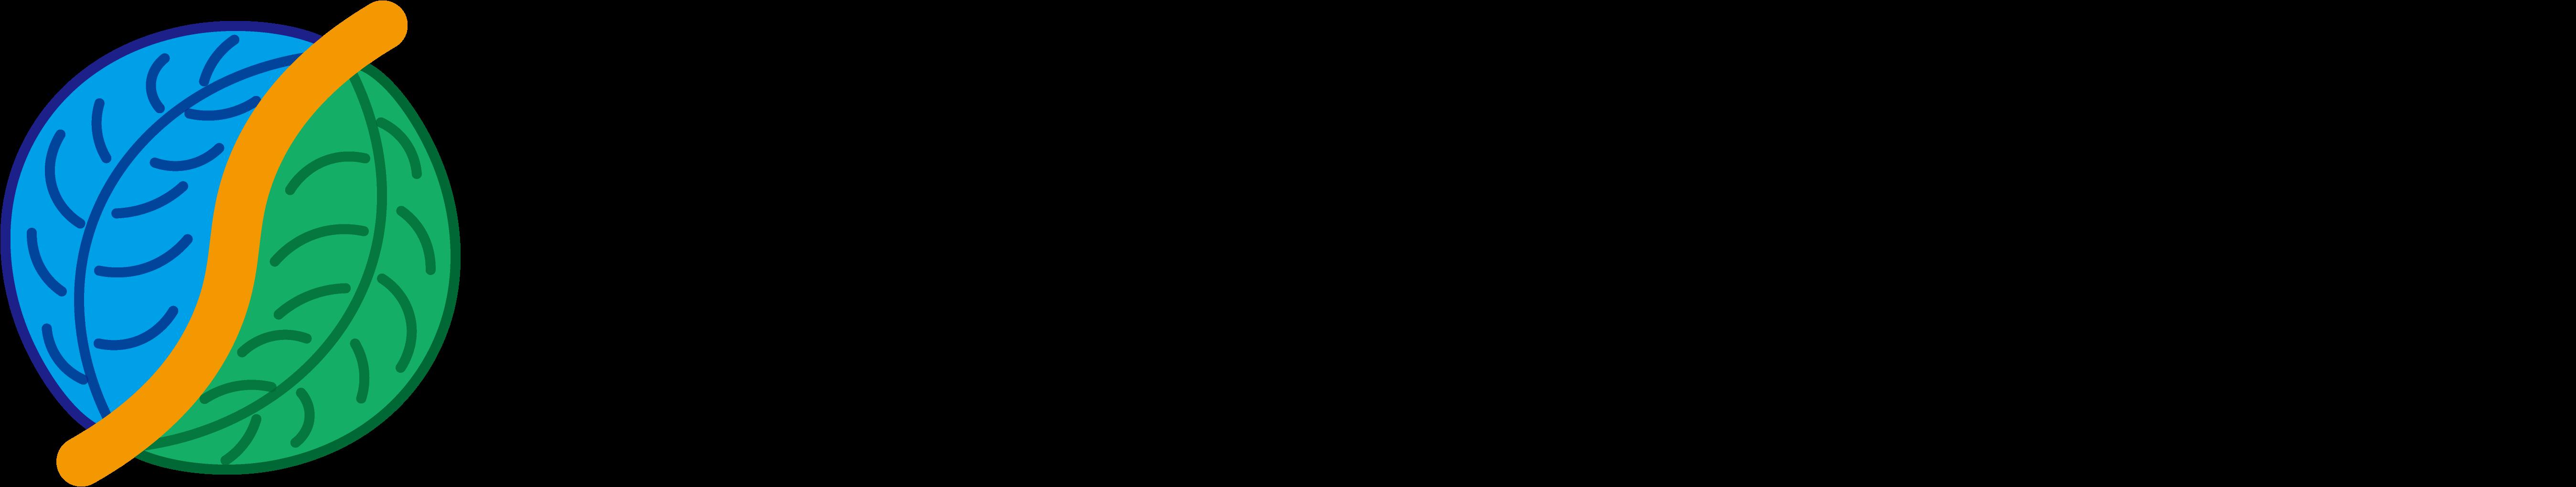 沖縄県キャリア支援・教育連携協議会